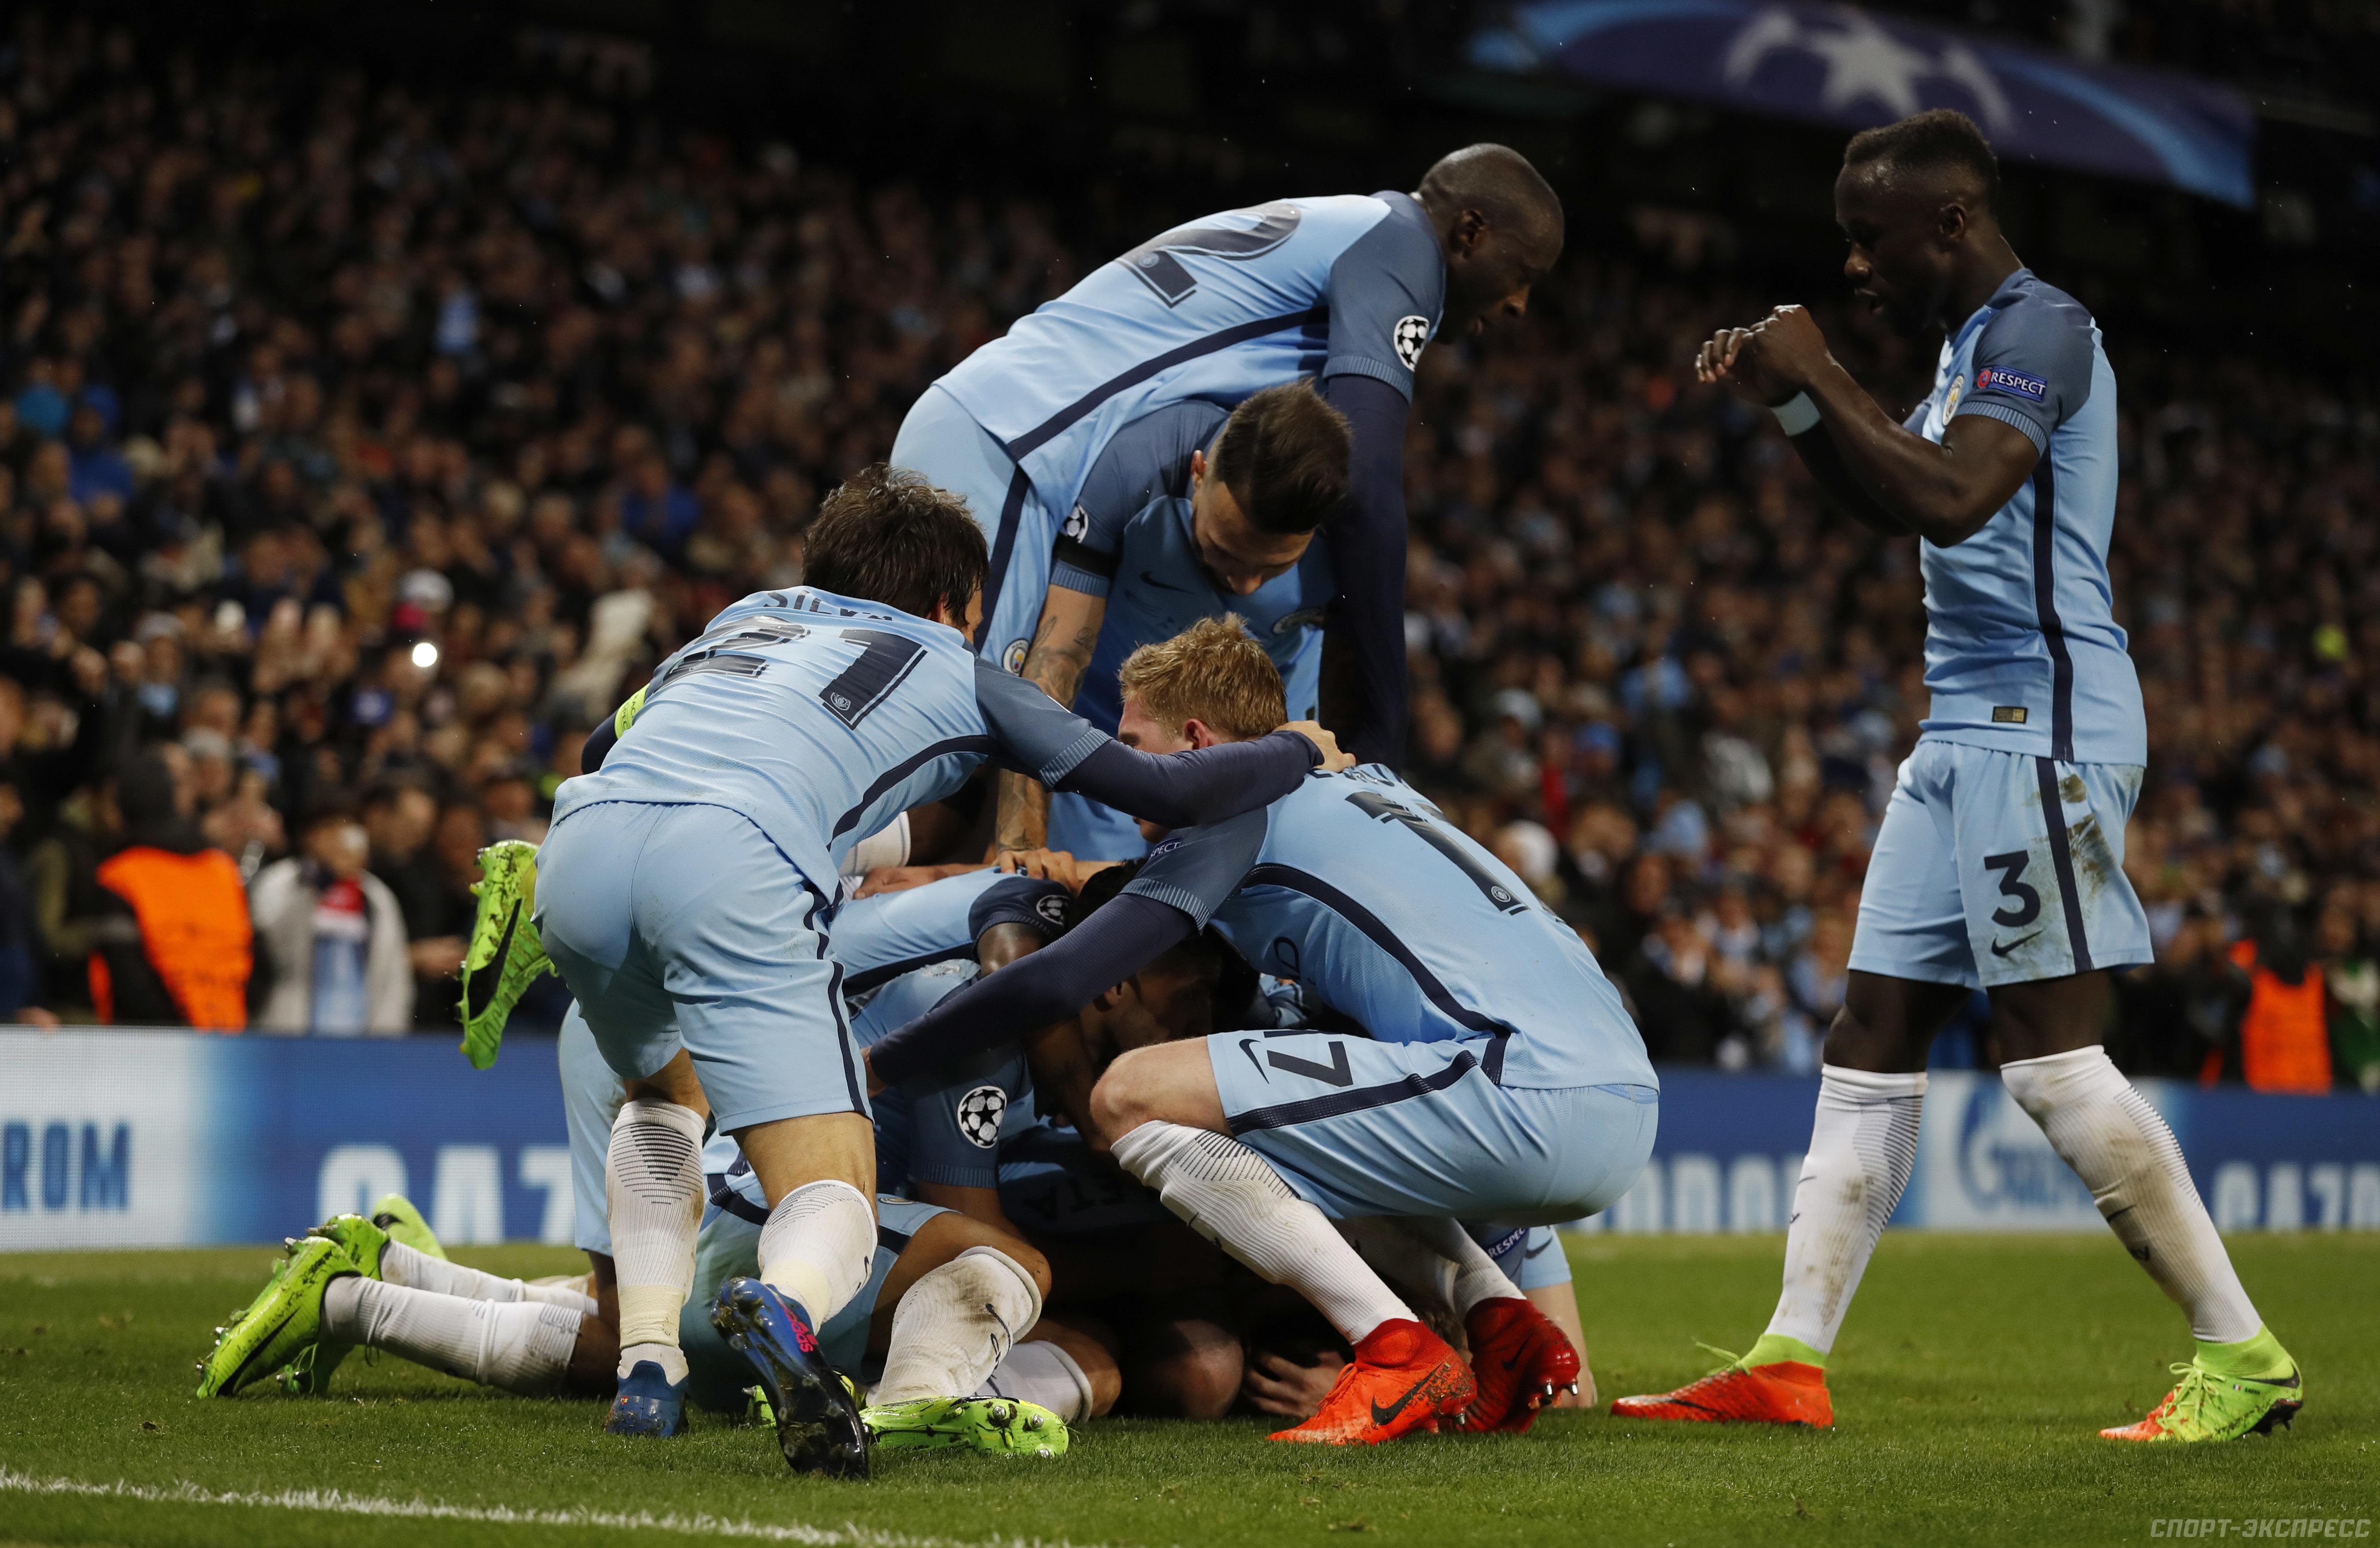 Ман Сити впервые за 10 лет пропустил 2 гола за 5 стартовых минут